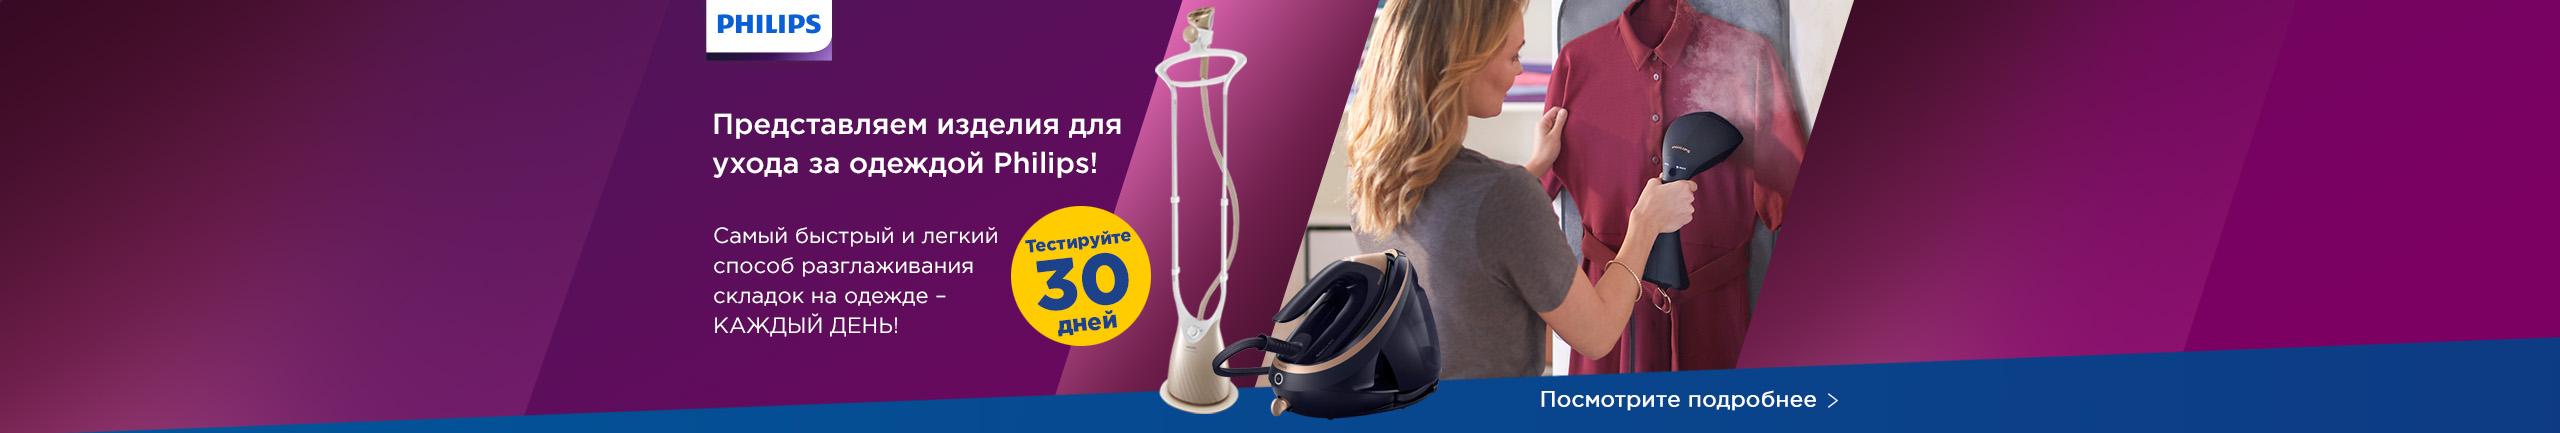 Представляем изделия для ухода за одеждой Philips!